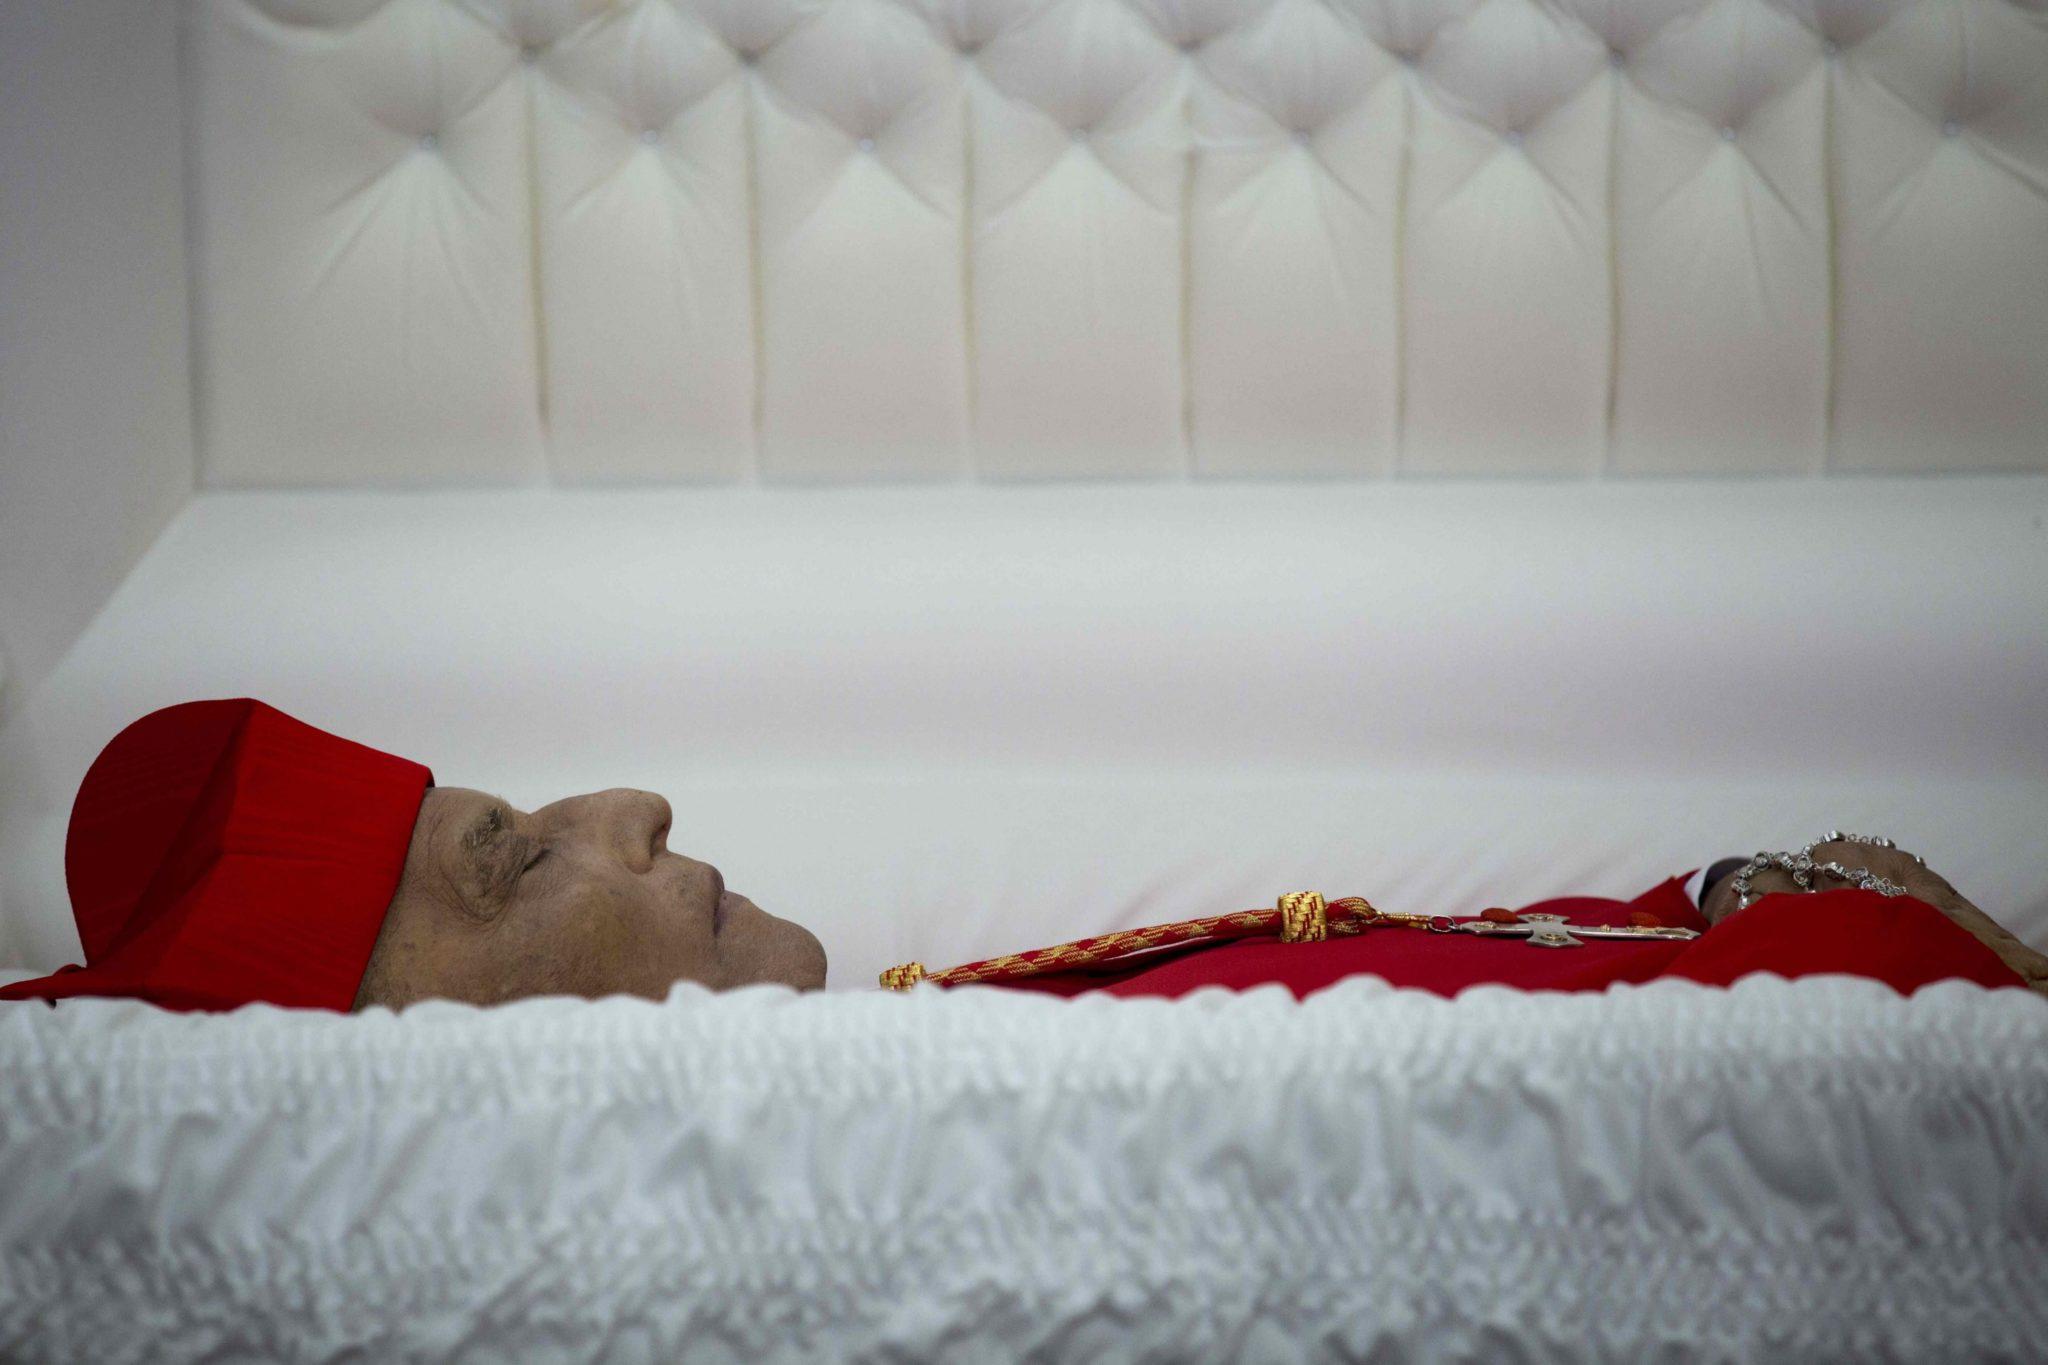 Nikaragua: ciało kardynała Miguela Obando Bravo, msza w jego intencji w katedrze metropolitalnej w Managua. Kardynał zmarł w wieku 92 lat, fot: Jorge Torres, PAP/EPA